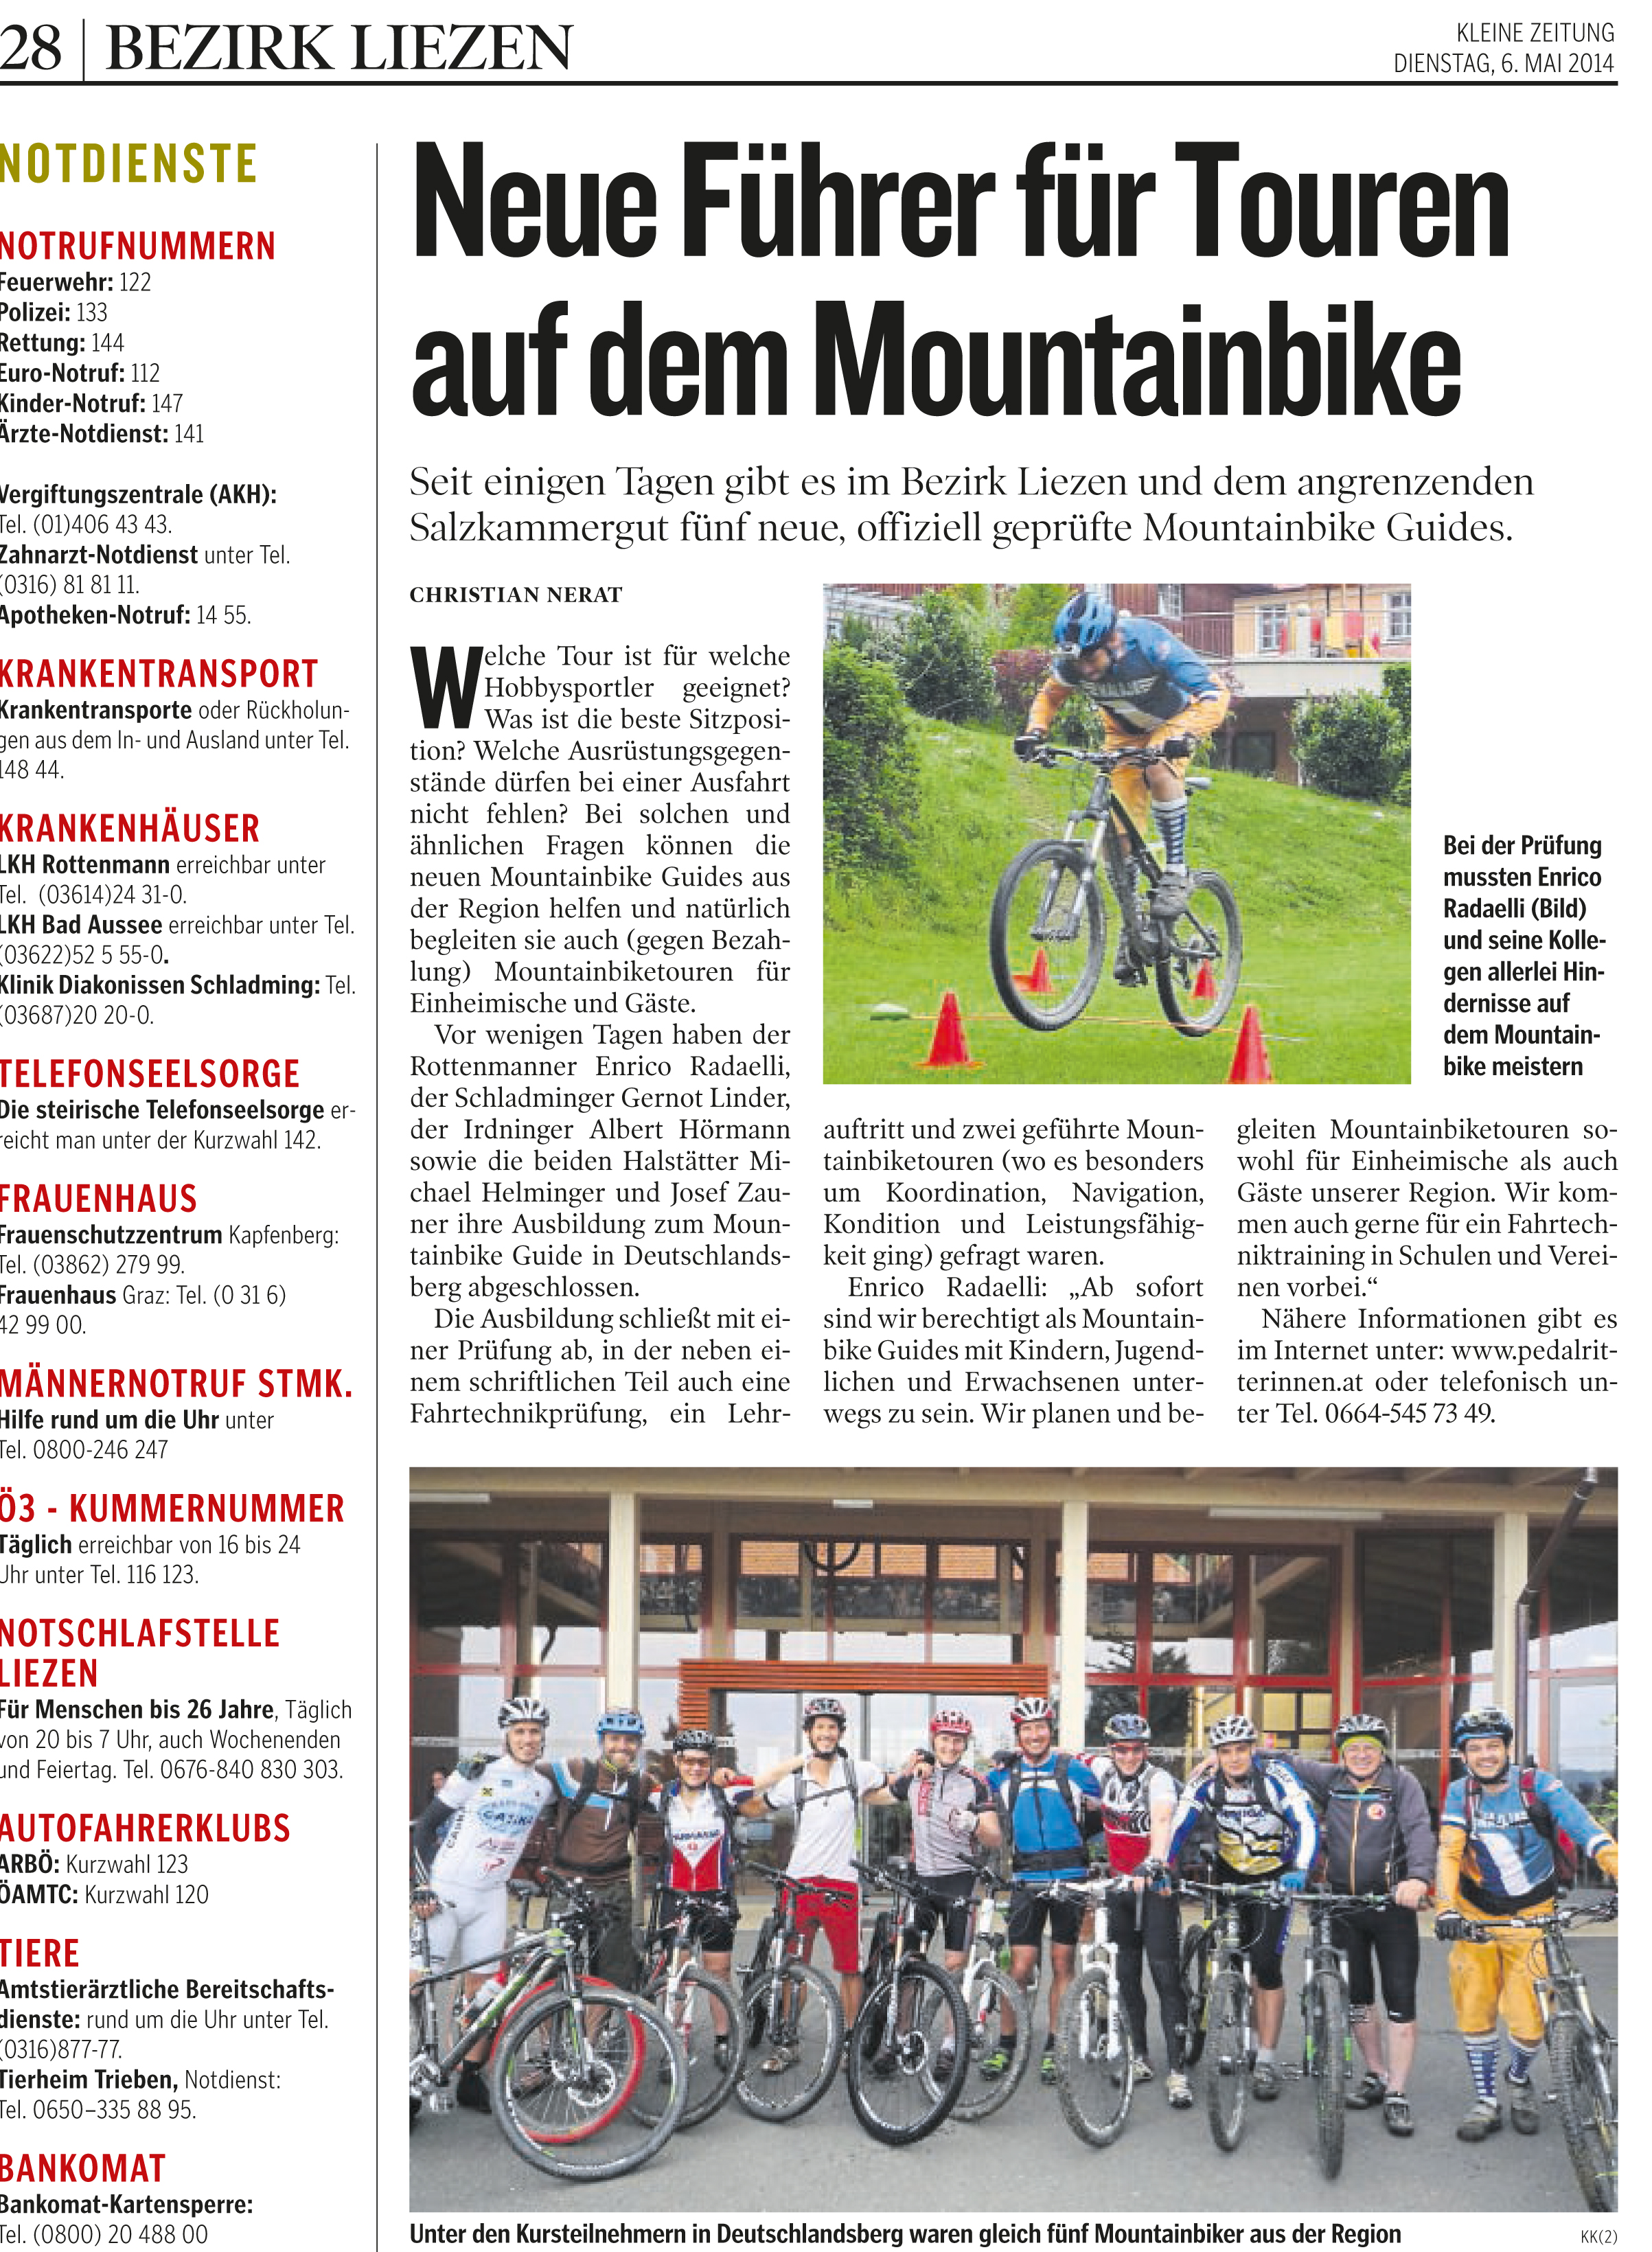 Mountainbikeguide Pedalritterinnen Guide Radaelli Mountainbike Kleine Zeitung Steiermark